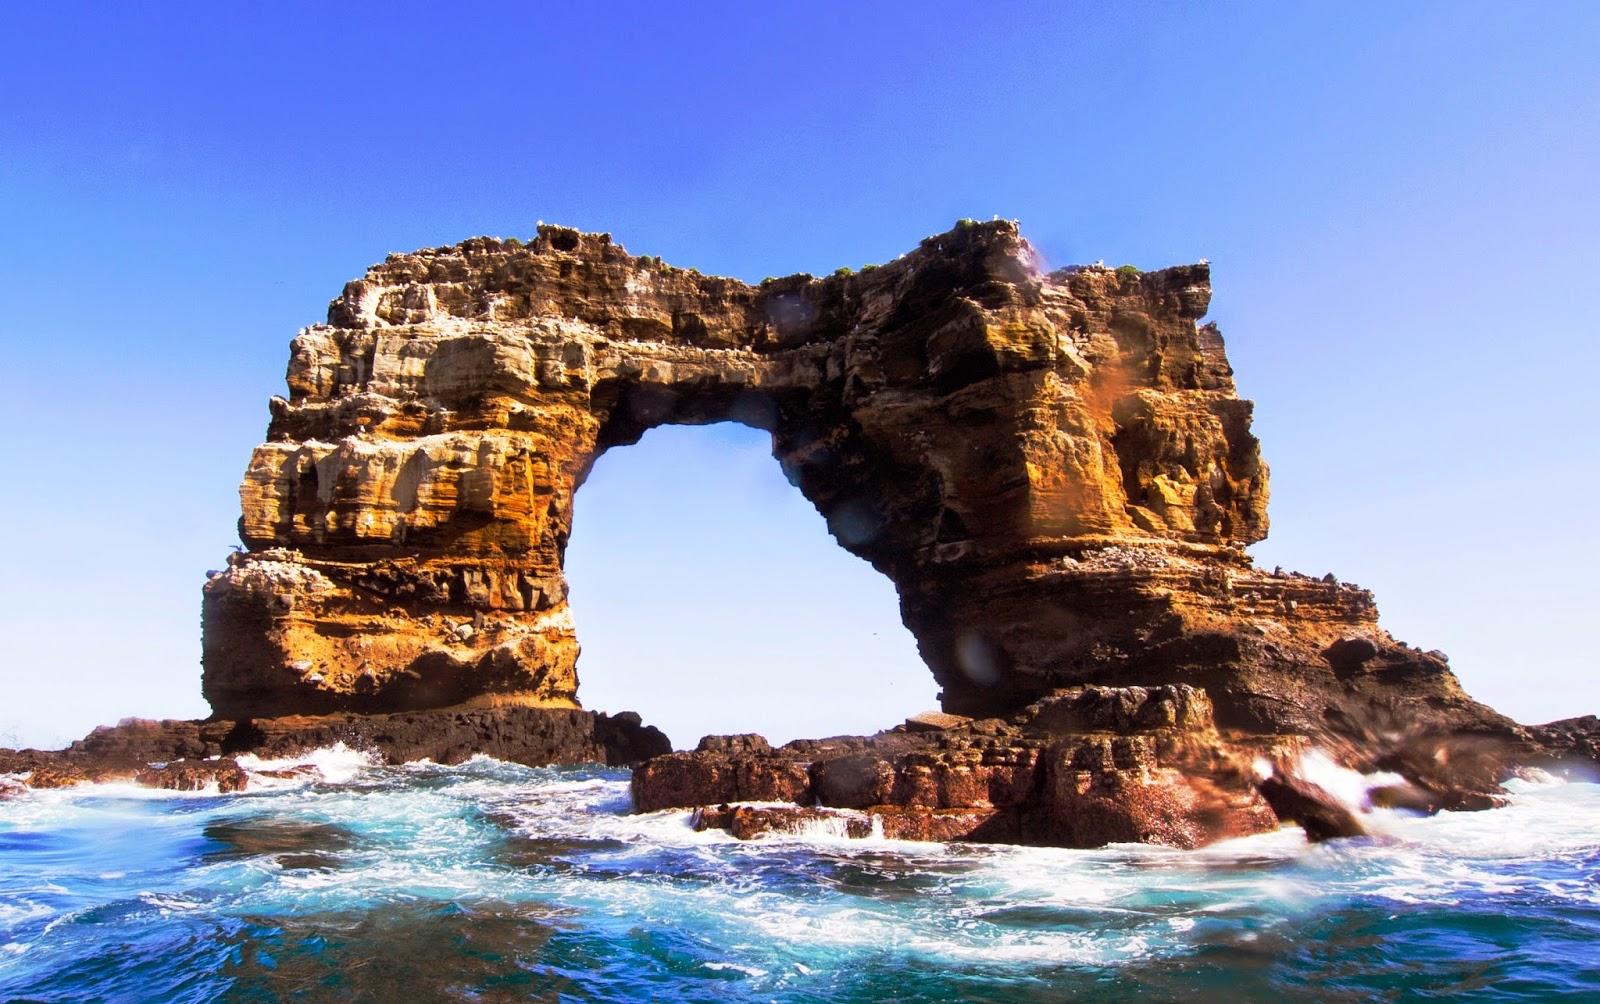 20 lugares que deberías visitar en Latinoamérica, Islas Galapagos, Ecuador